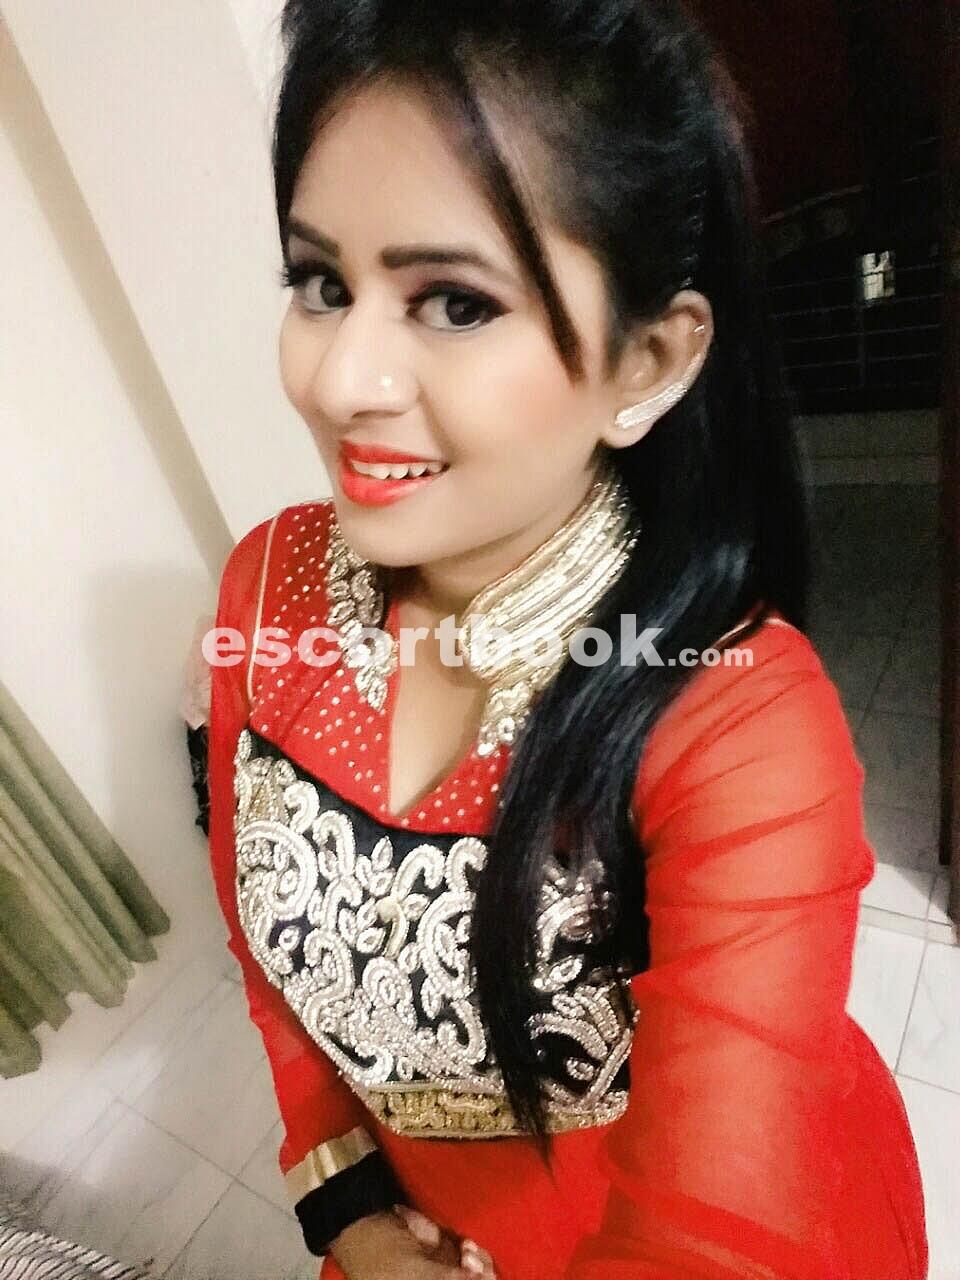 Agency Dhaka Contact Escort Girl Call Service 2019 Virg